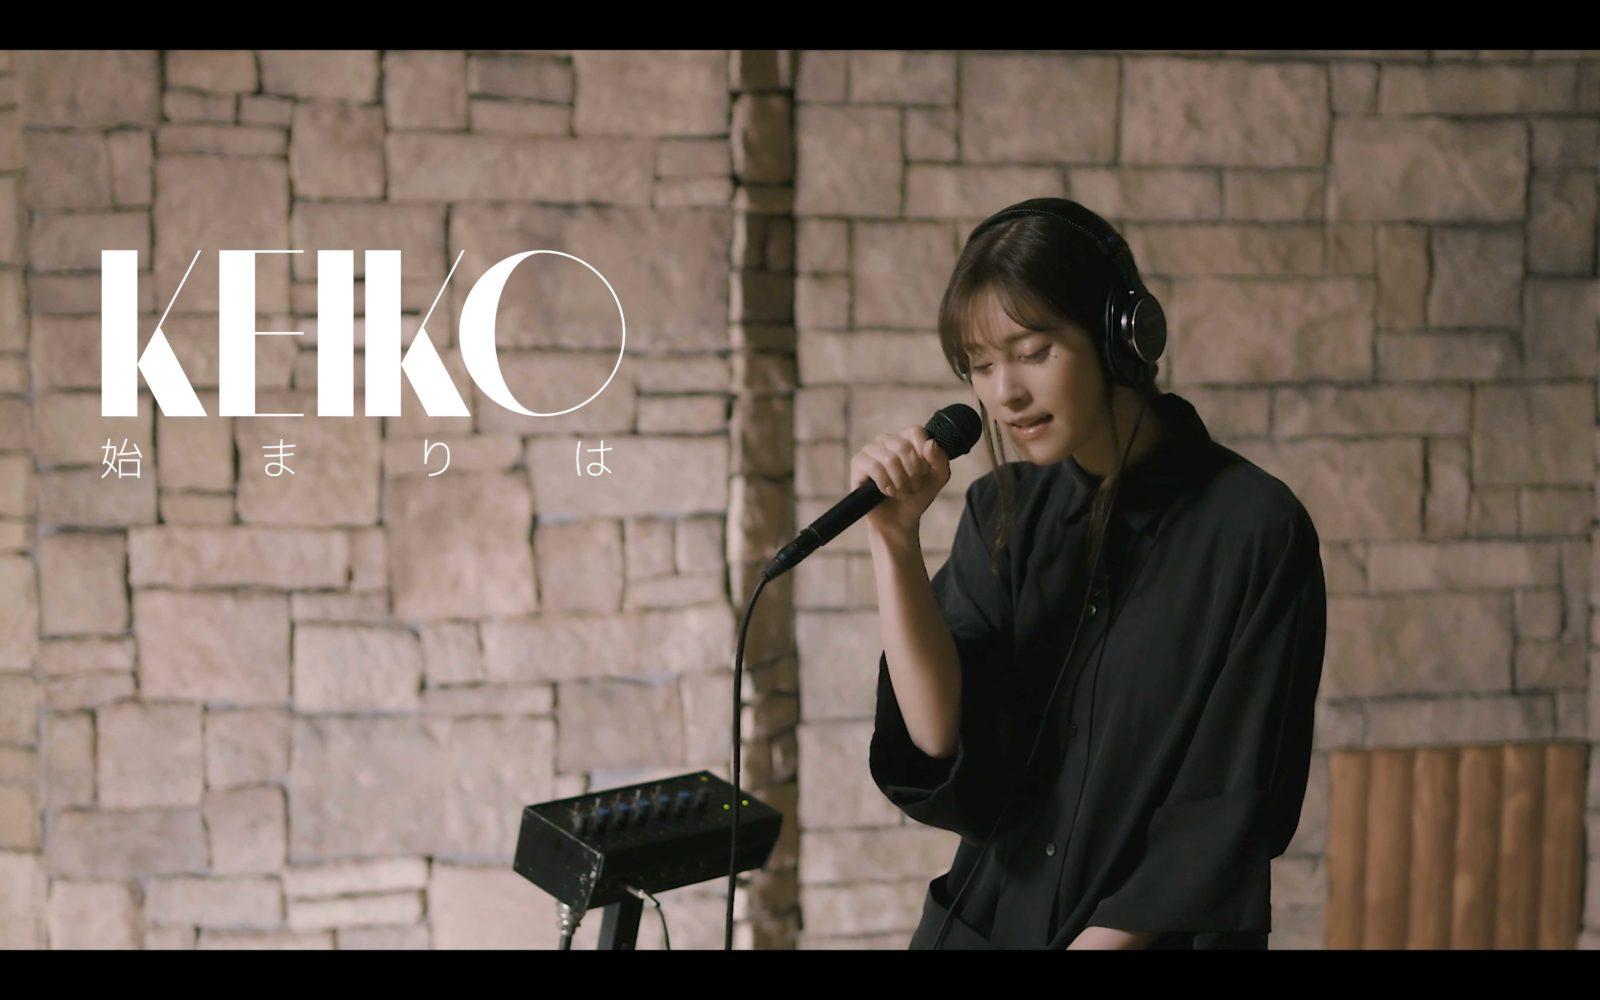 元KalafinaのKEIKO、心地が良過ぎる新曲「始まりは」MV公開サムネイル画像